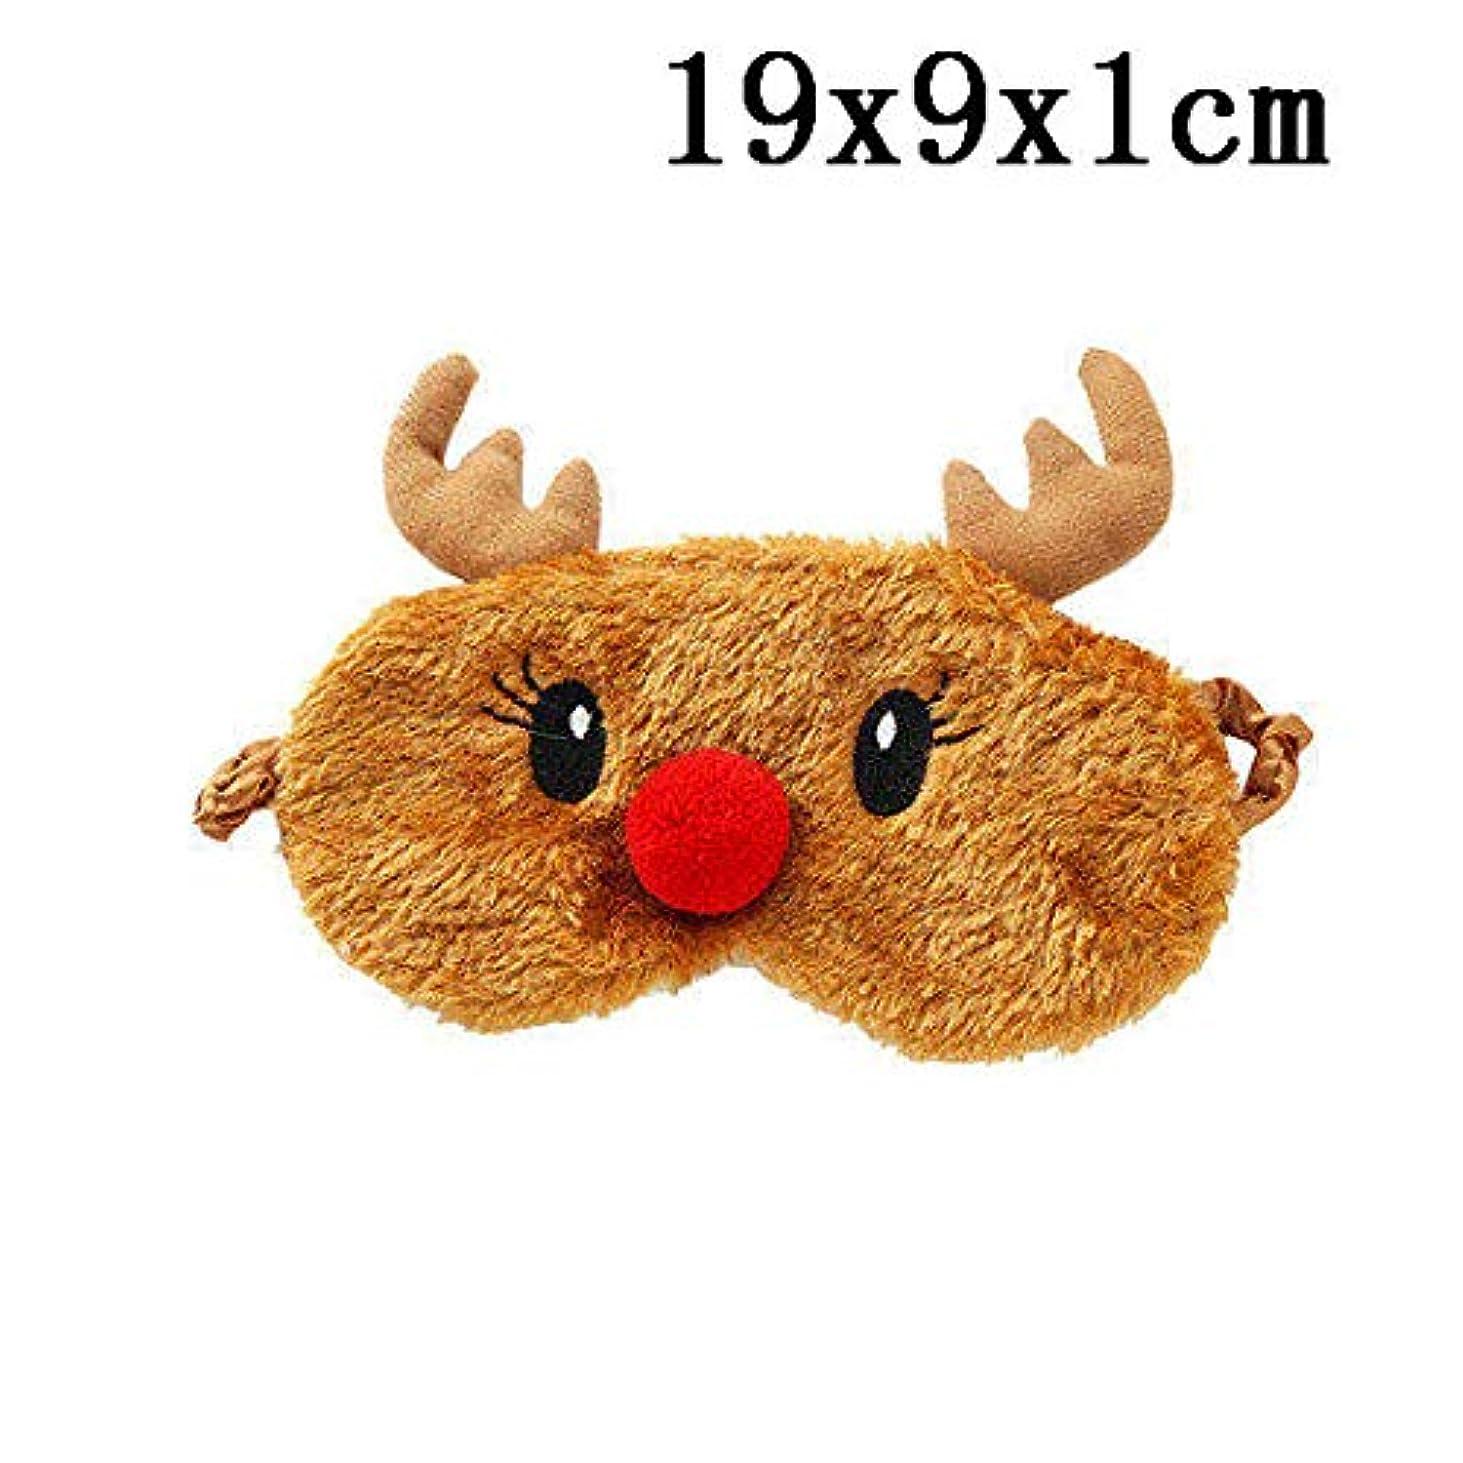 法王役割水を飲むNOTE かわいいアイスクリームユニコーンソフトスリーピングアイカバーマスククリスマス鹿かわいい動物ぬいぐるみ生地用ホーム旅行